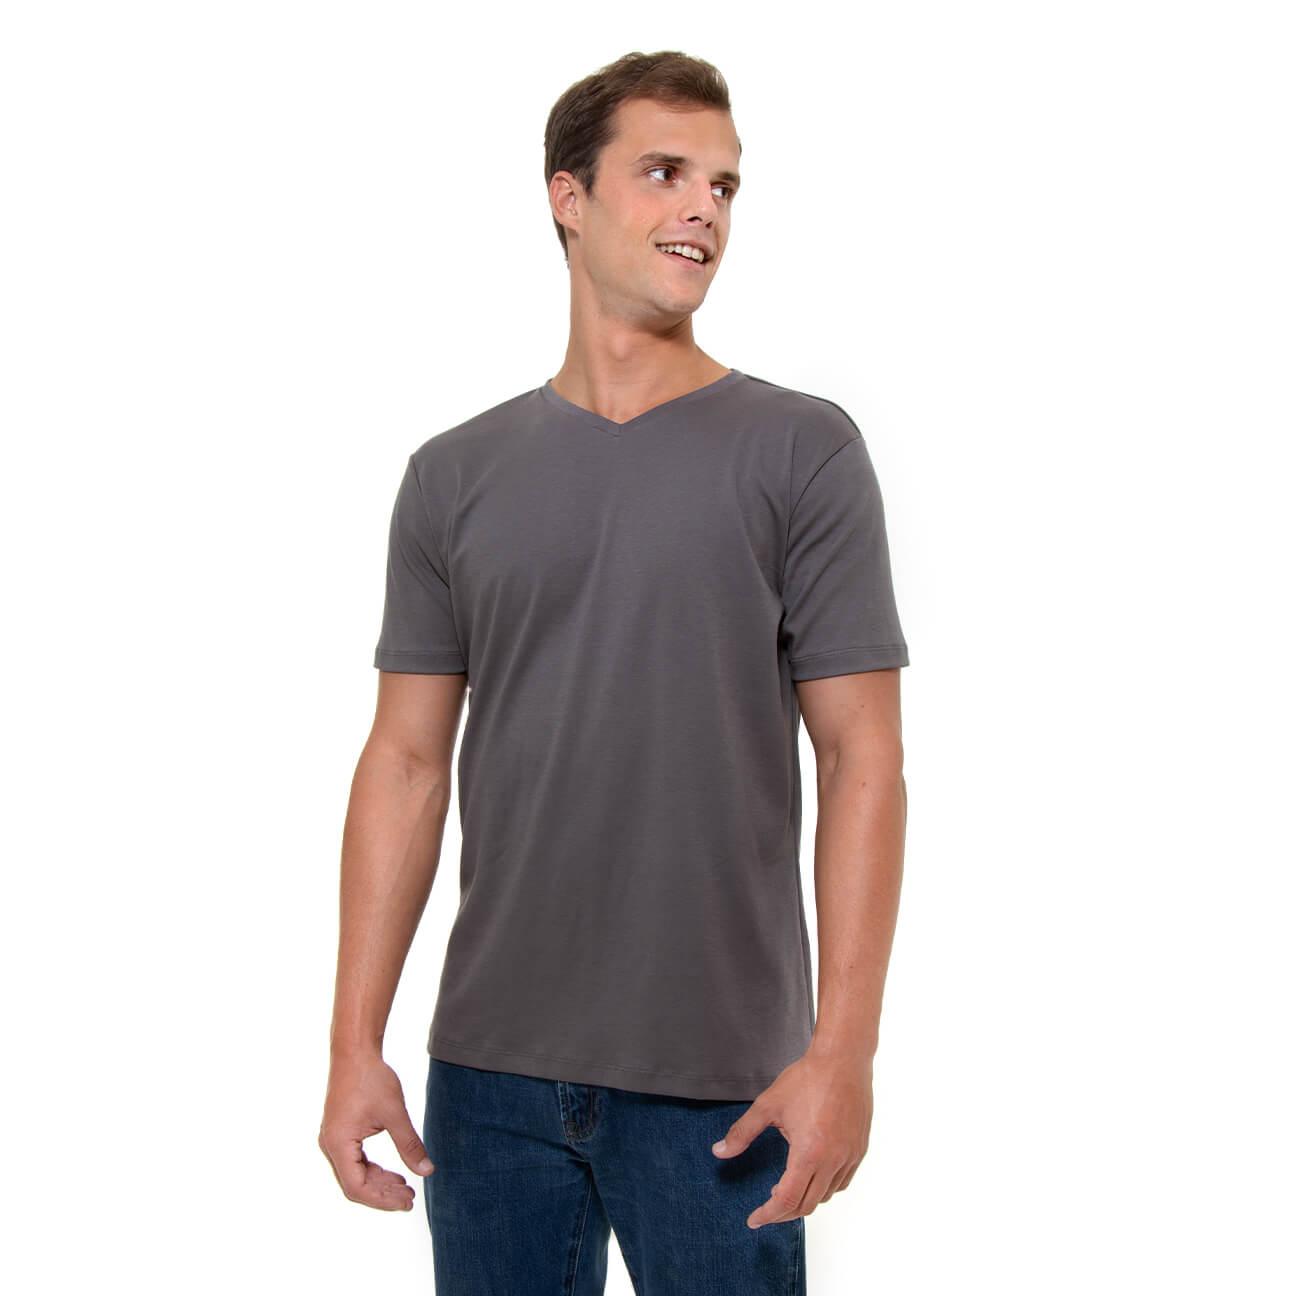 Franela gris esencial para hombre cuello en V Veticales frente